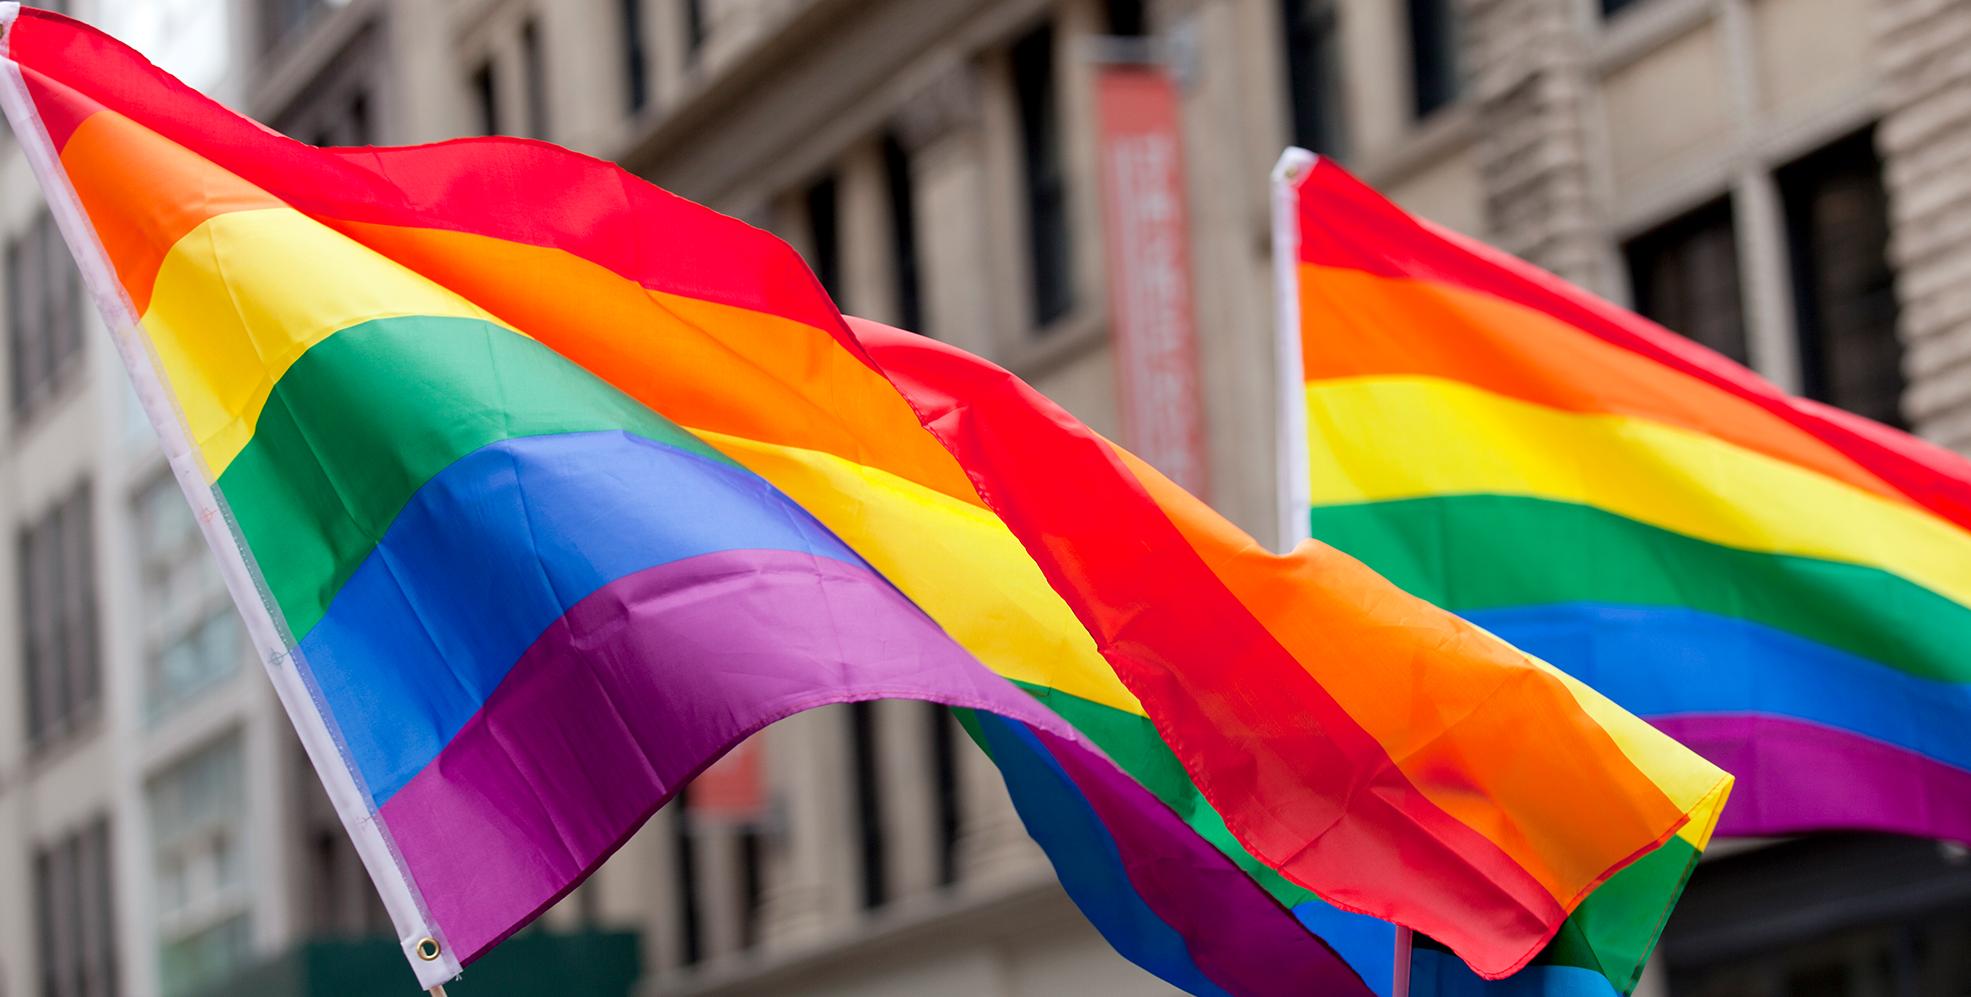 Sondeo: 40% de los jóvenes LGBTQ de EE. UU. consideró suicidarse en el último año